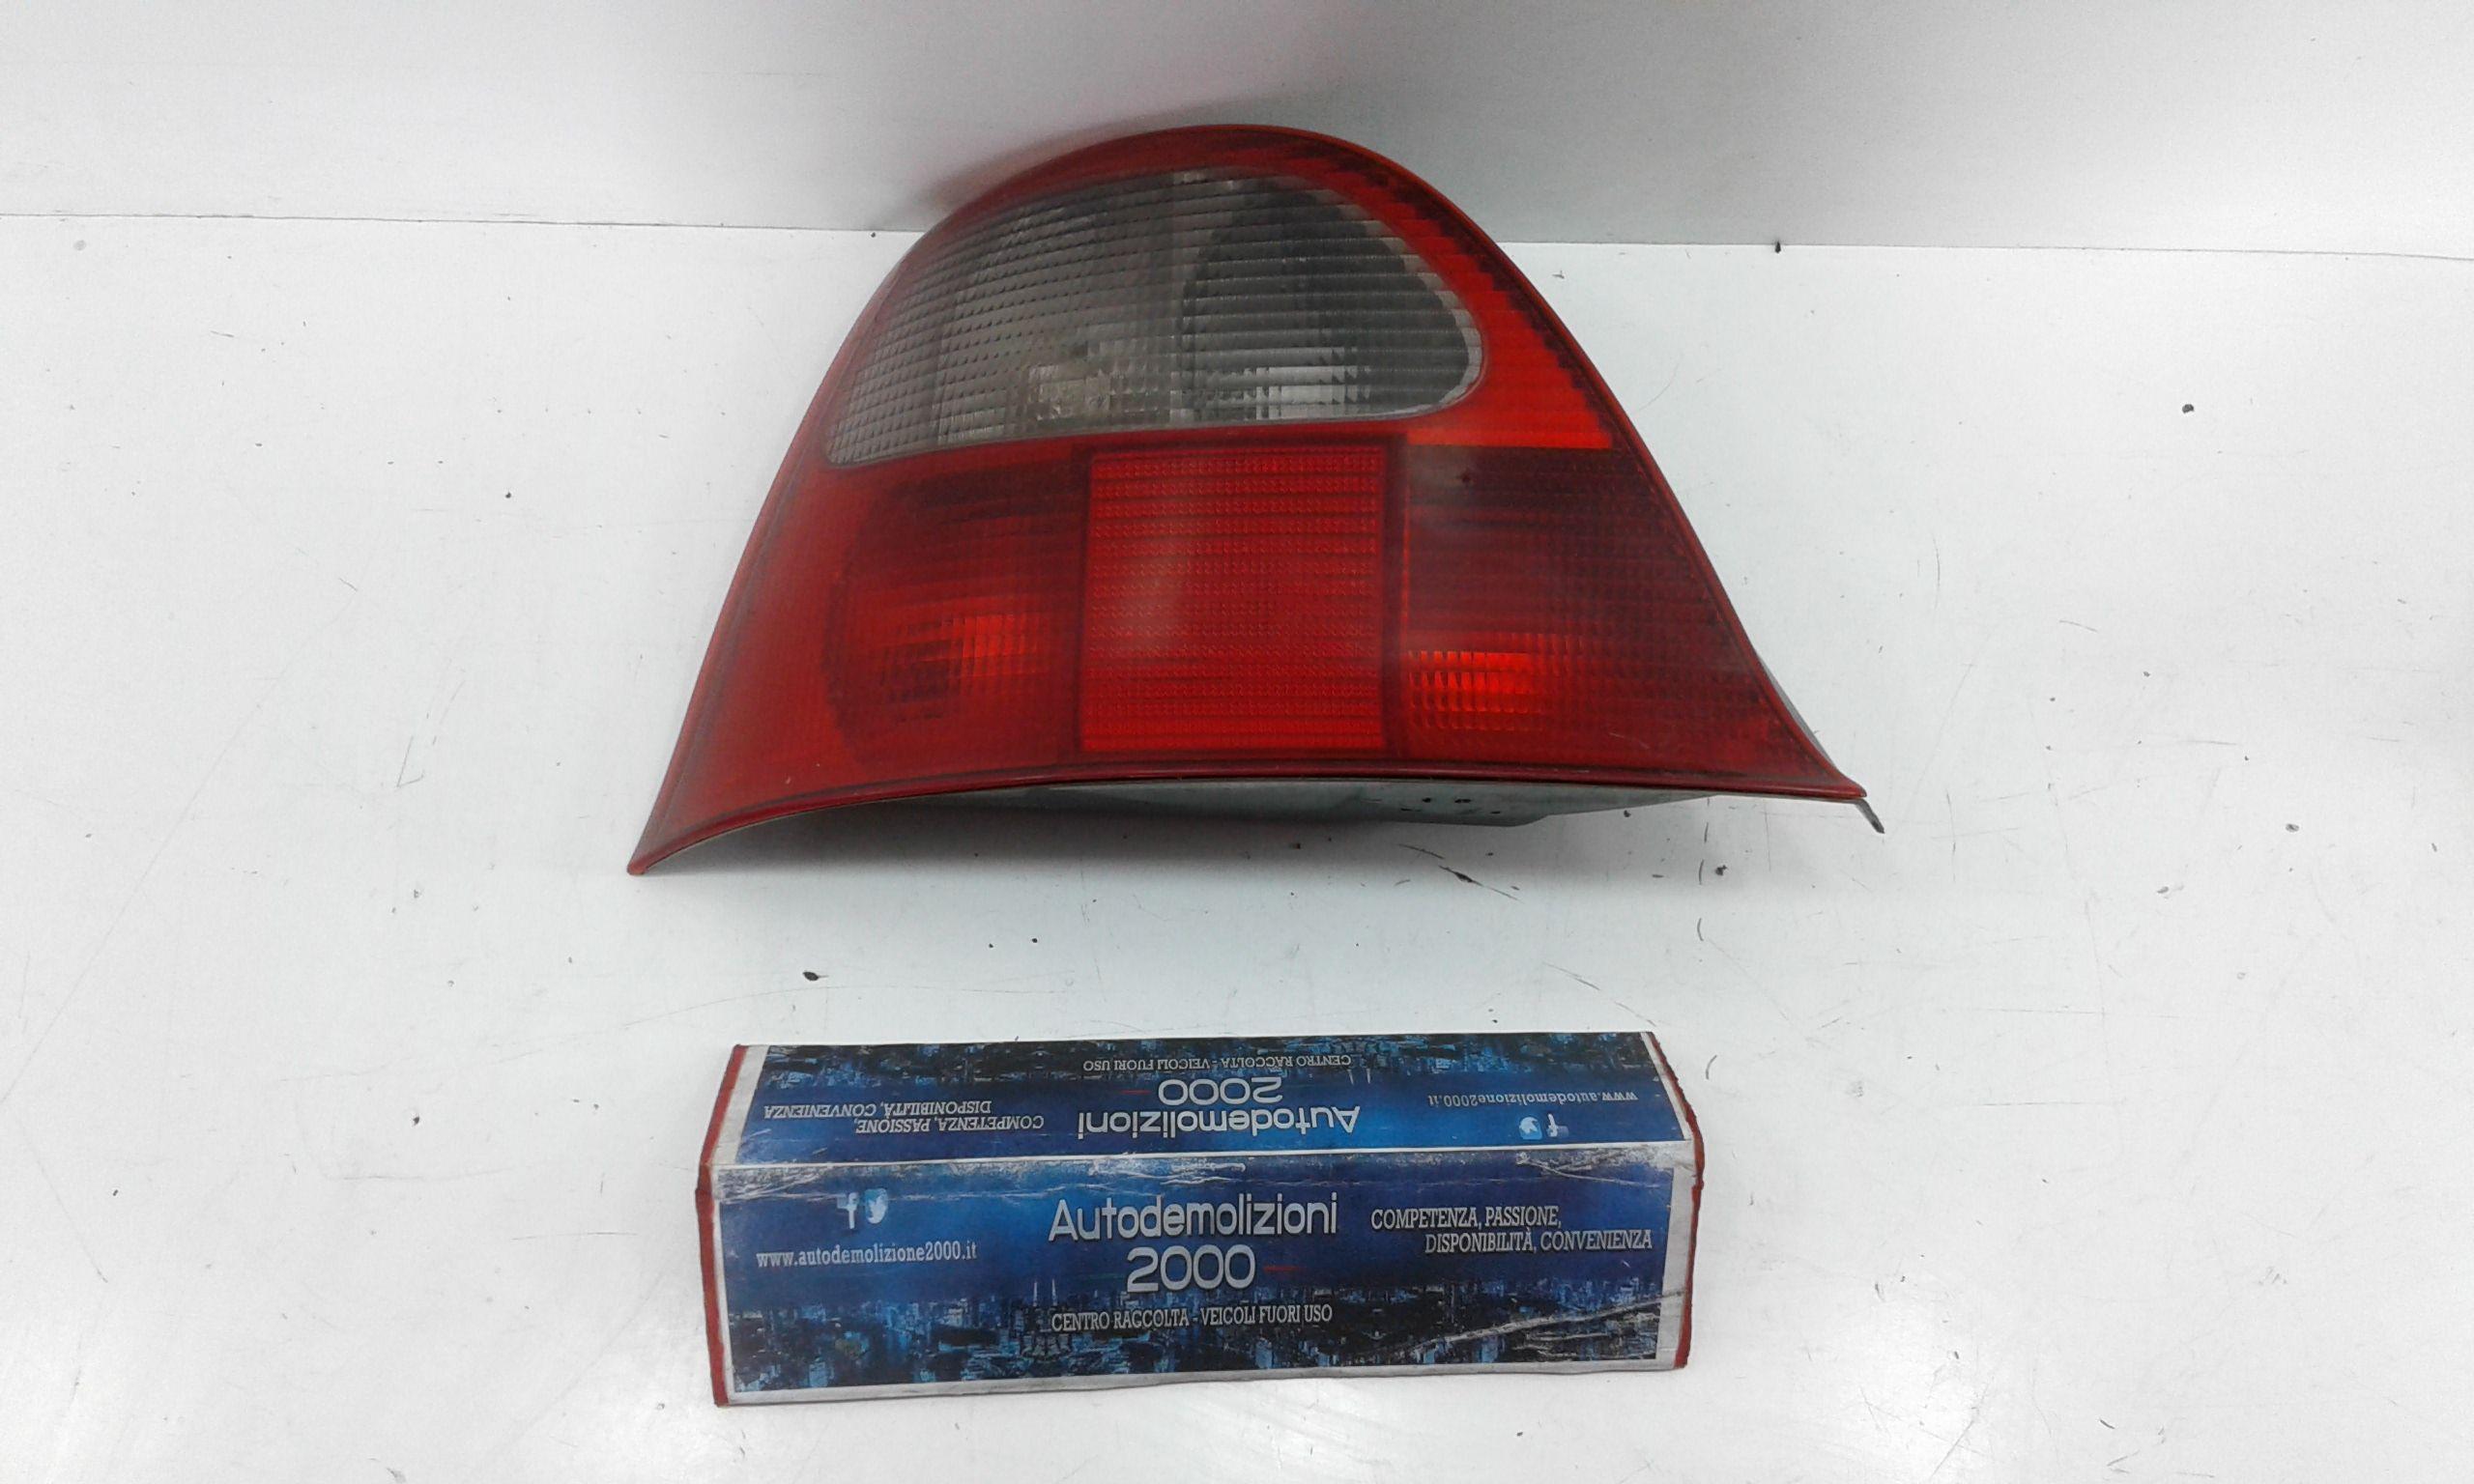 STOP FANALE POSTERIORE SINISTRO LATO GUIDA ROVER Serie 200 25  Benzina    (2005) RICAMBI USATI